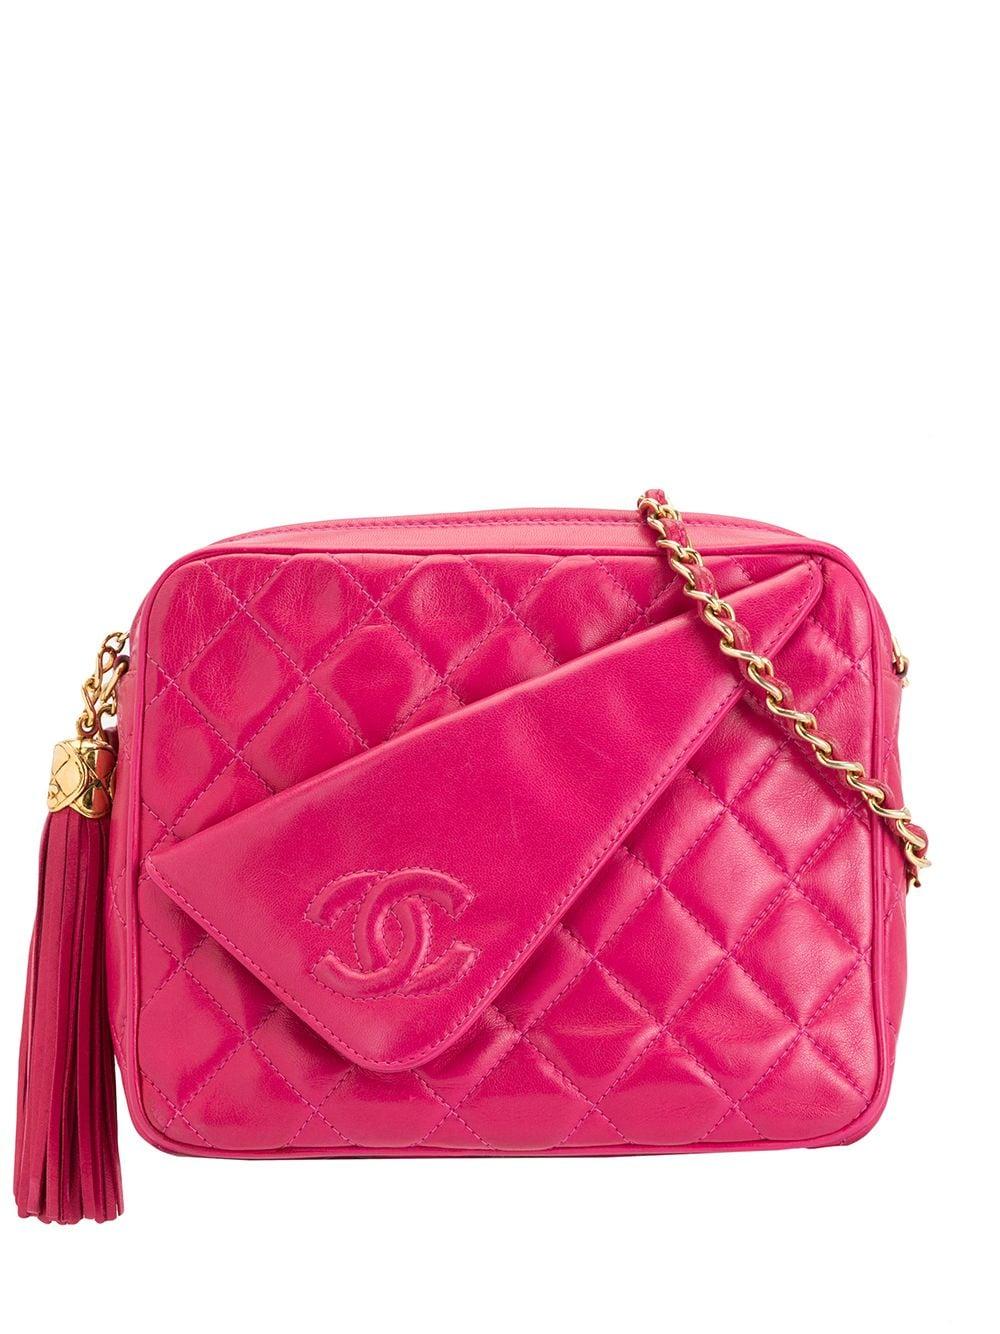 Chanel Pre-Owned Umhängetasche mit Quaste - Violett